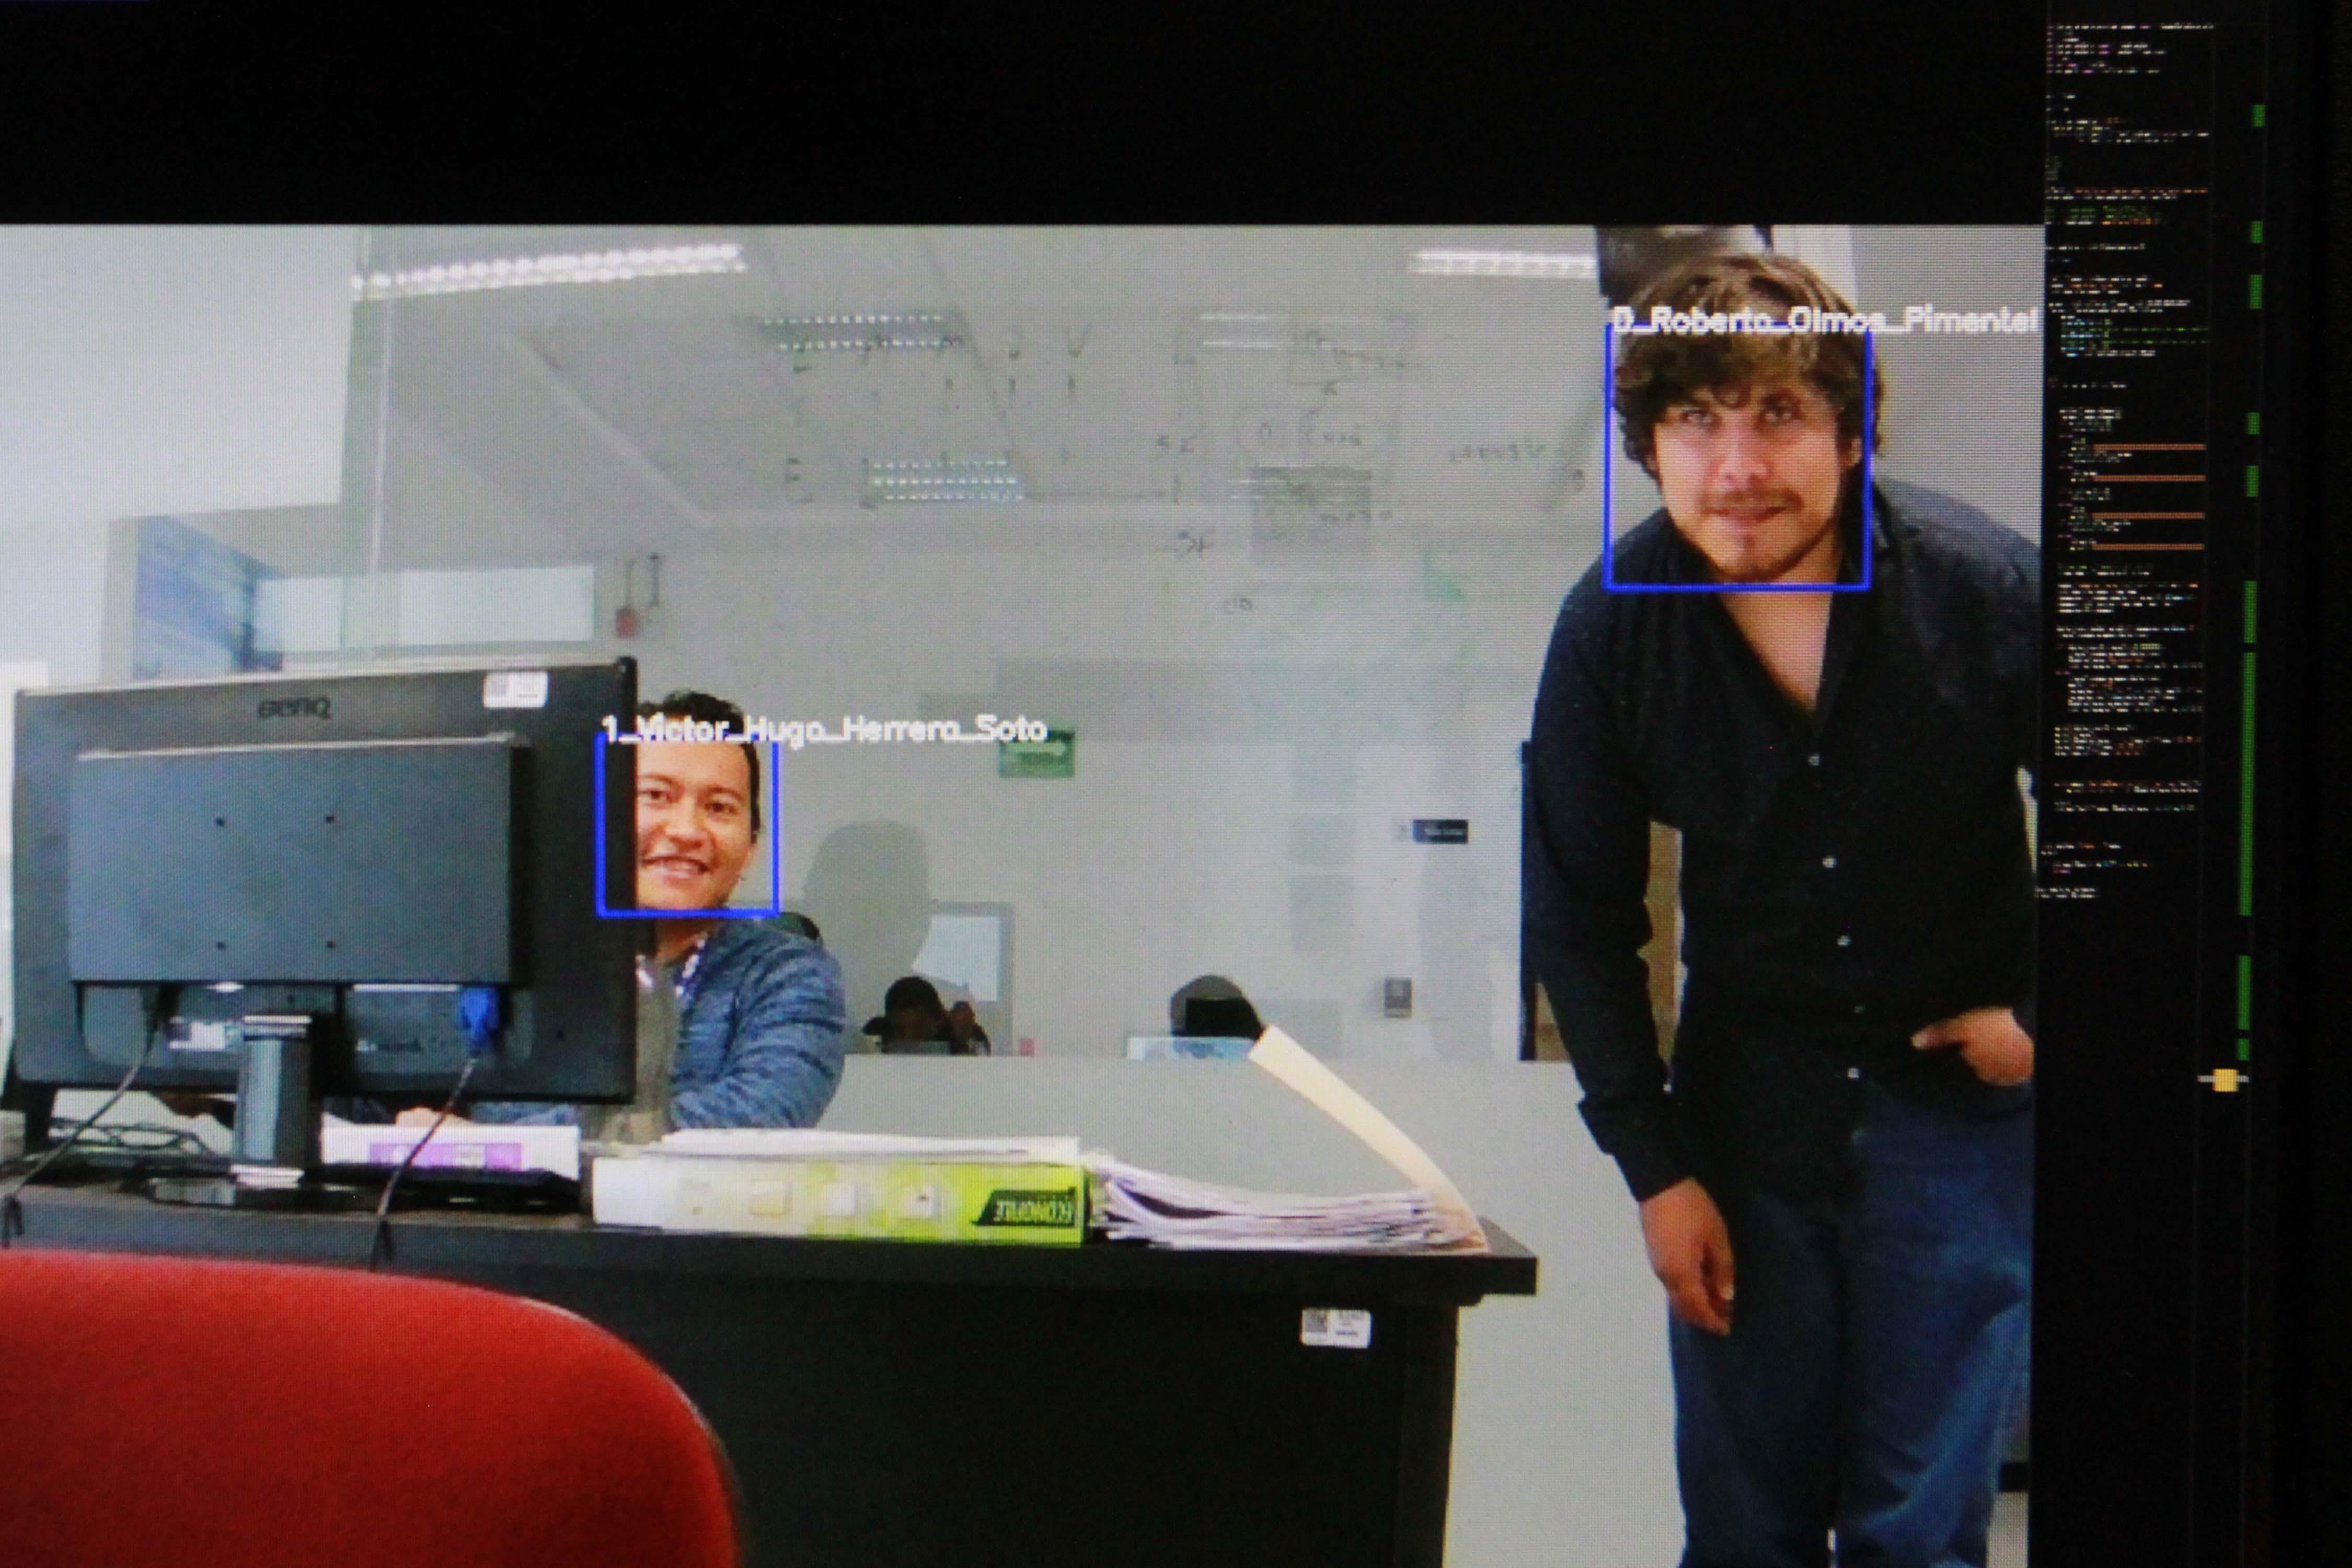 En Supercómputo BUAP diseñan sistema para reconocer rostros